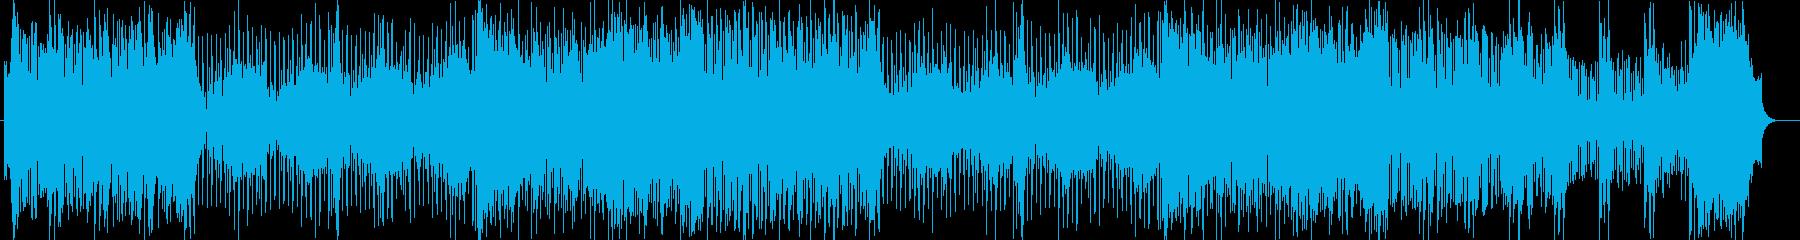 アミューズメント風オーケストラ曲の再生済みの波形